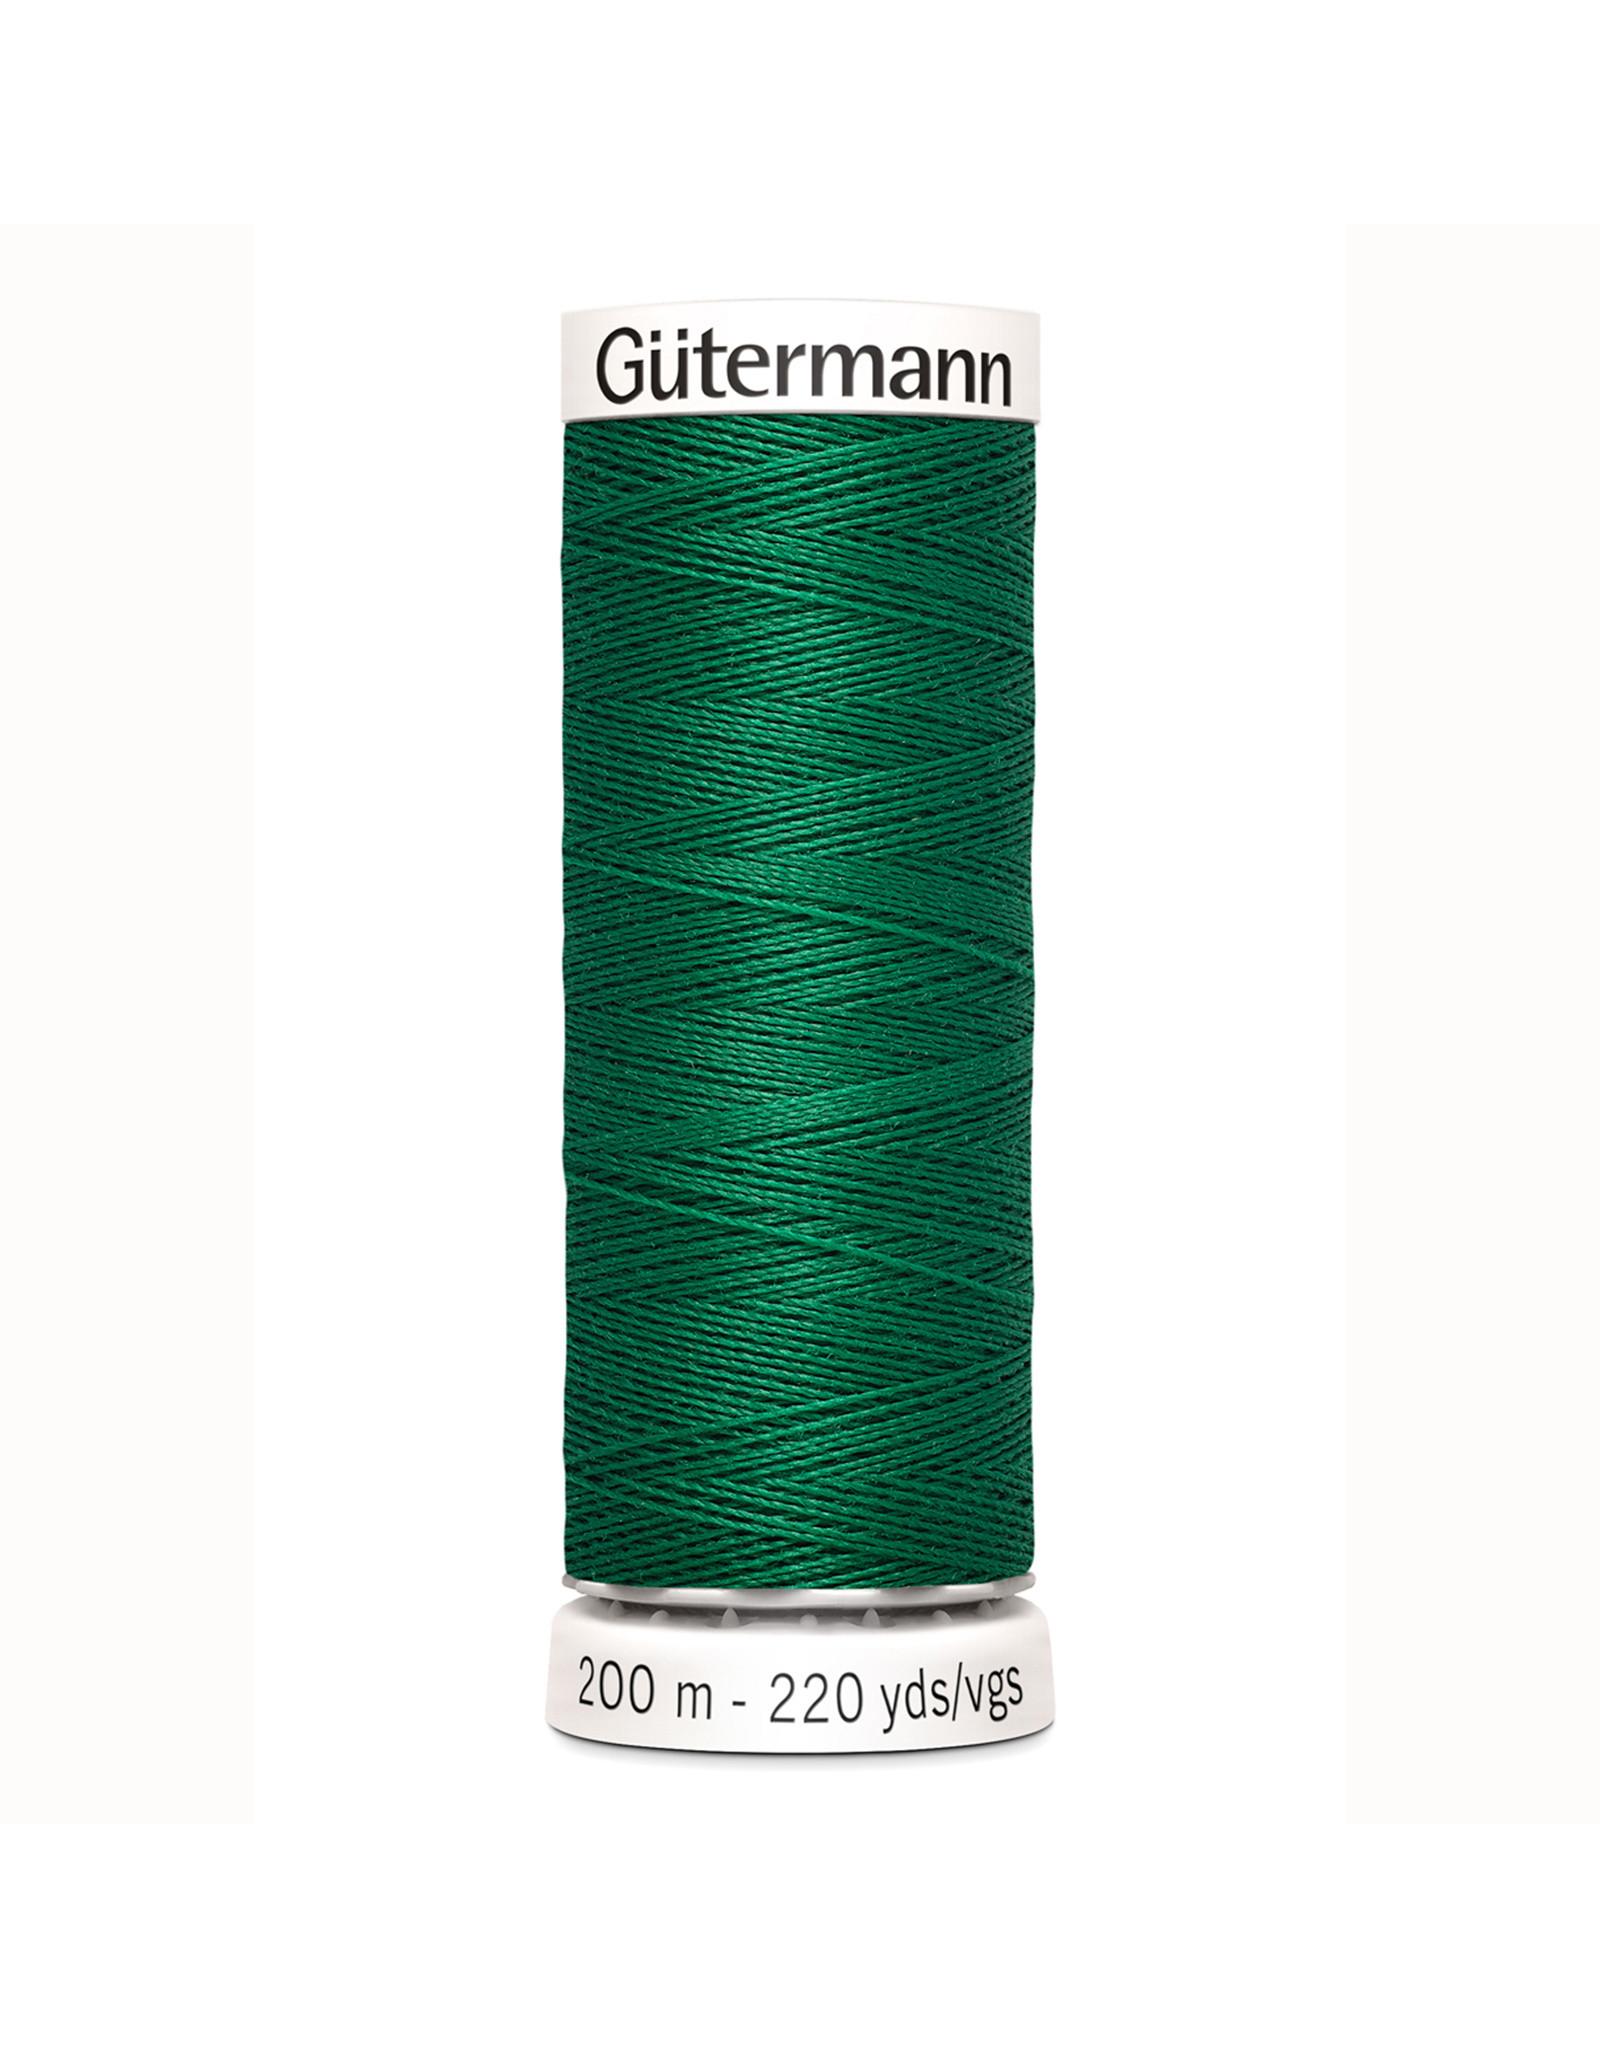 Gütermann Gütermann Nähgarn 200 m - nr 402